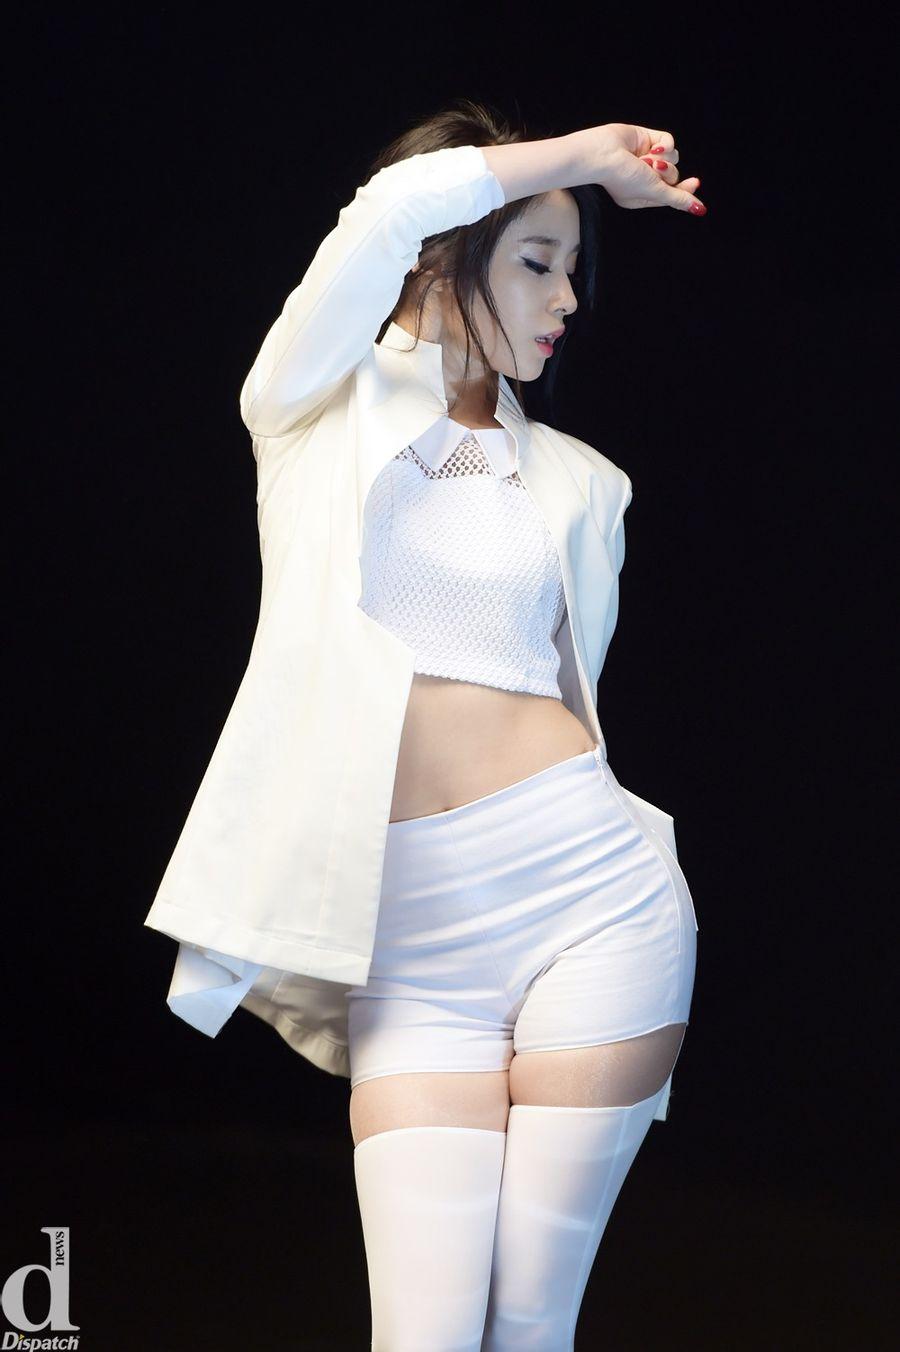 セクシーなショートパンツ衣装で踊るT-araのジヨン